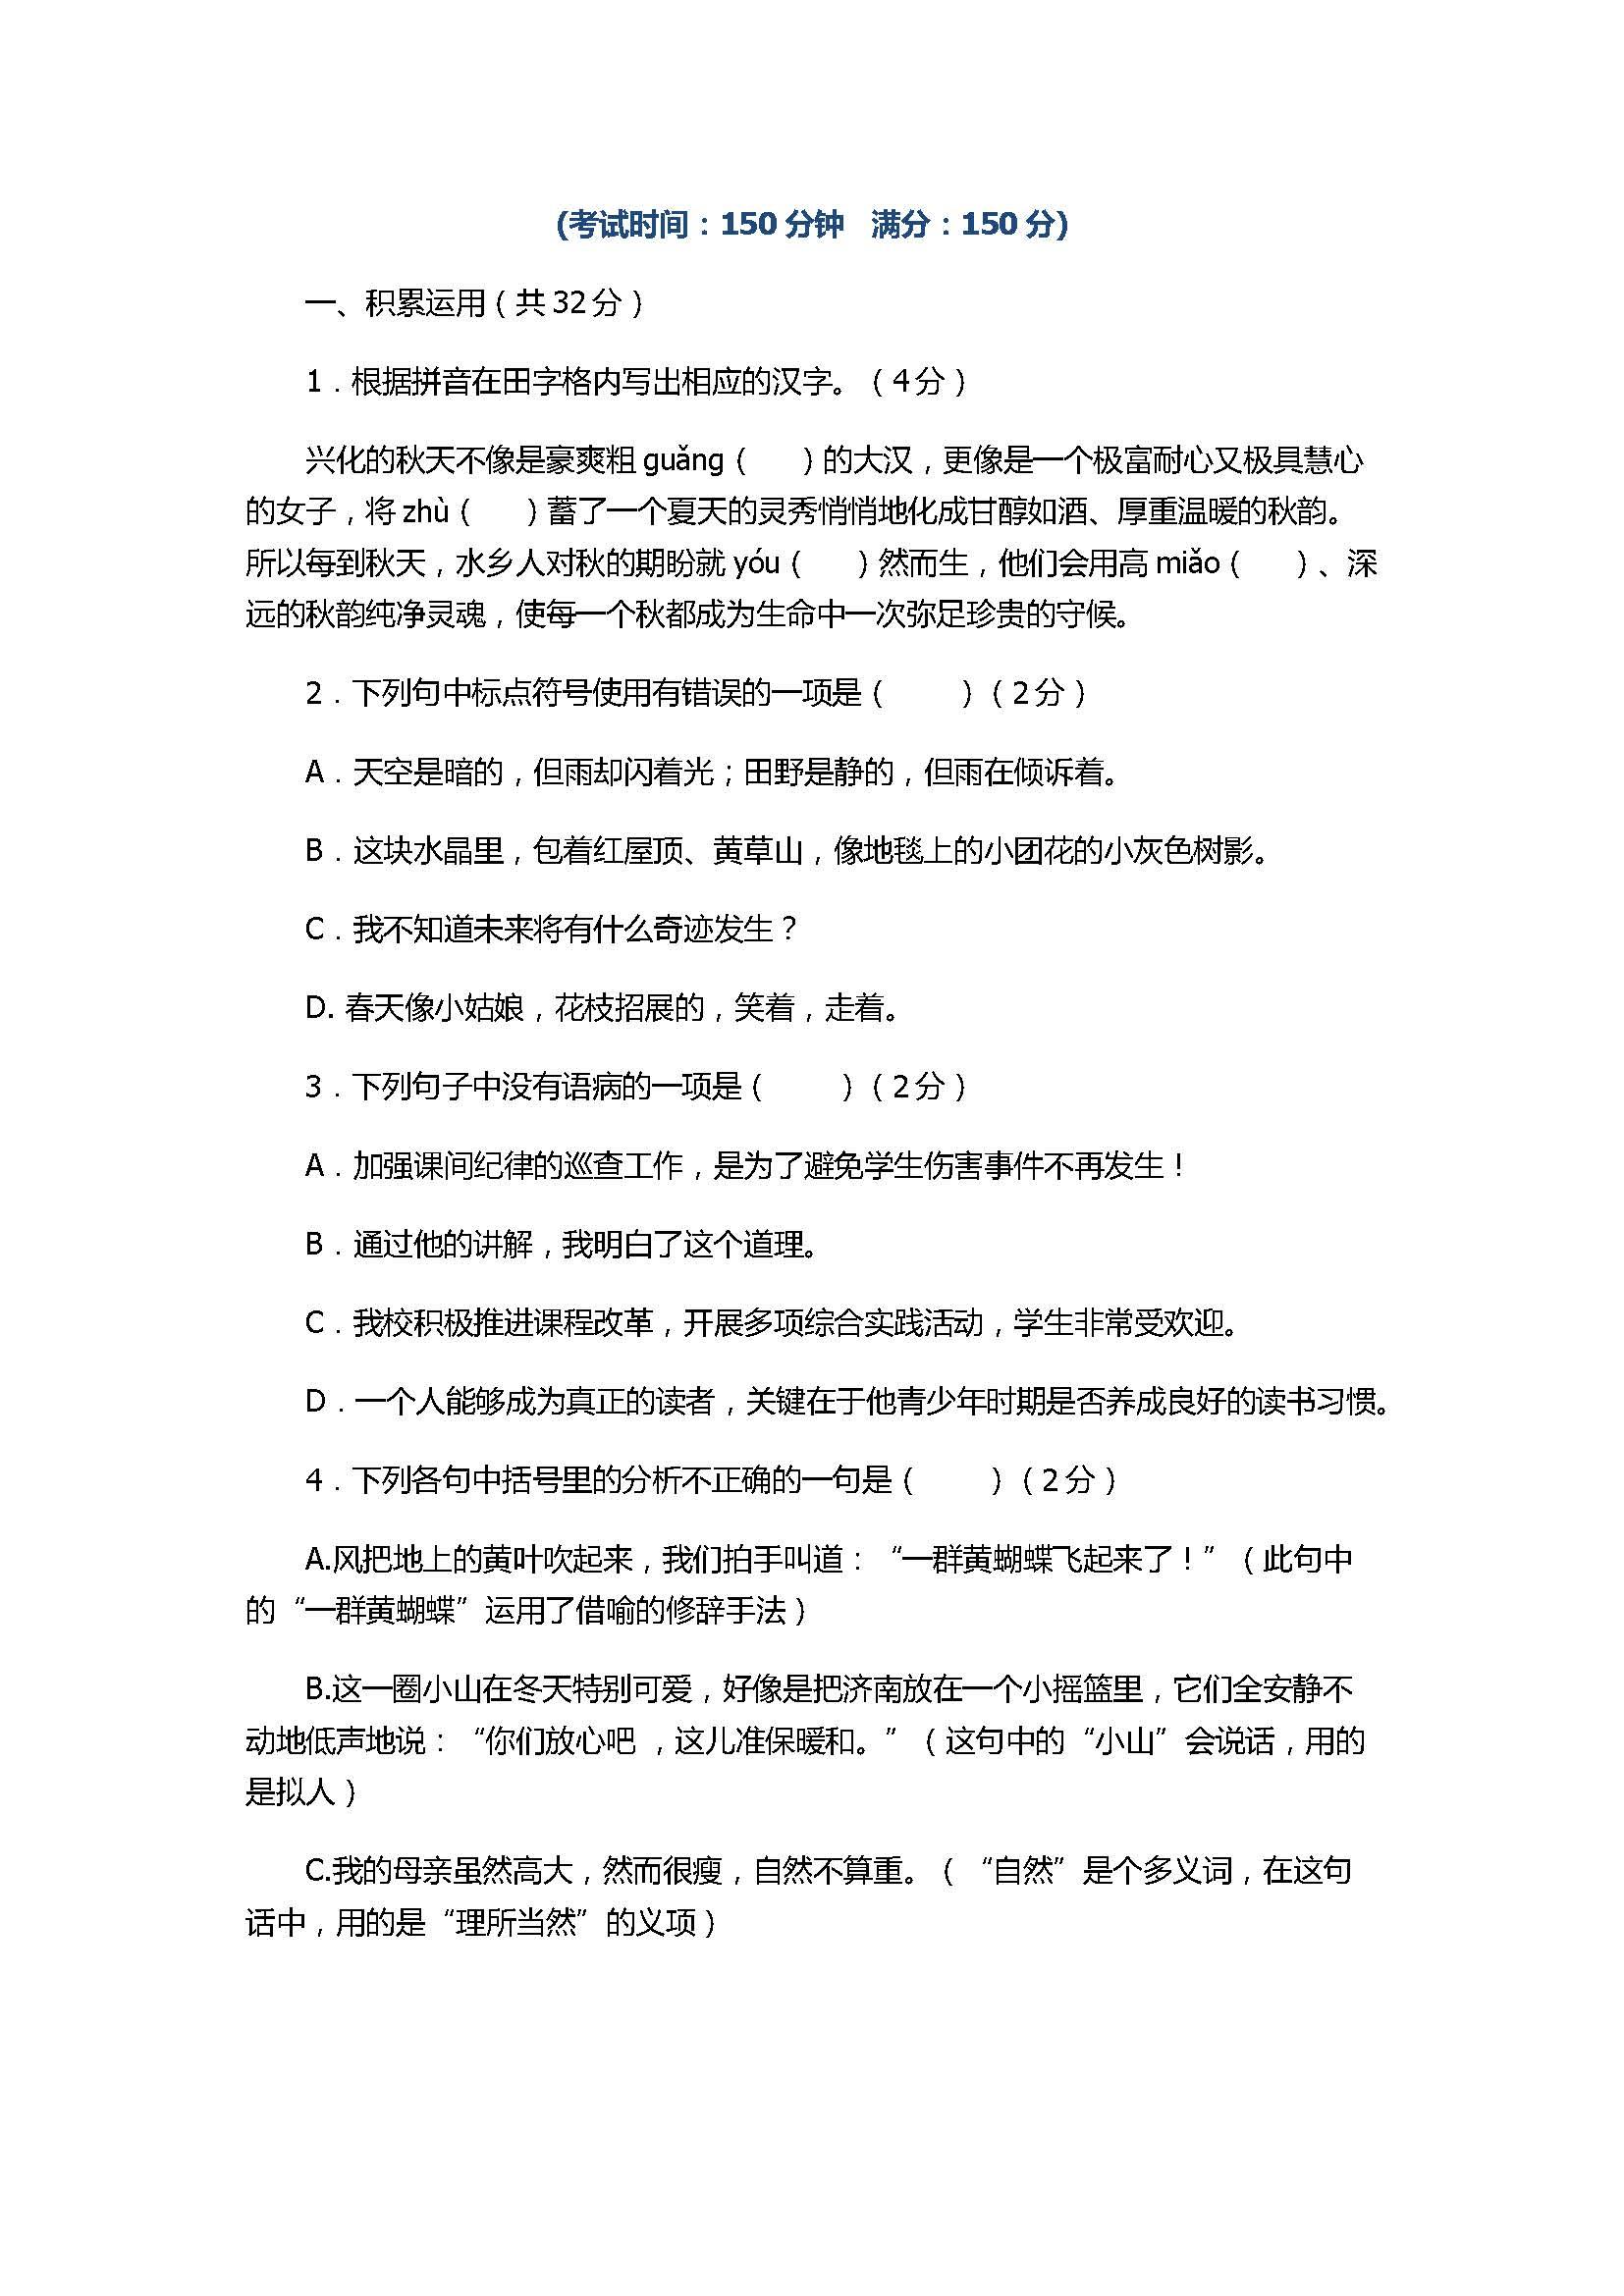 2017七年级语文上册期中测试卷有参考答案(兴化市)